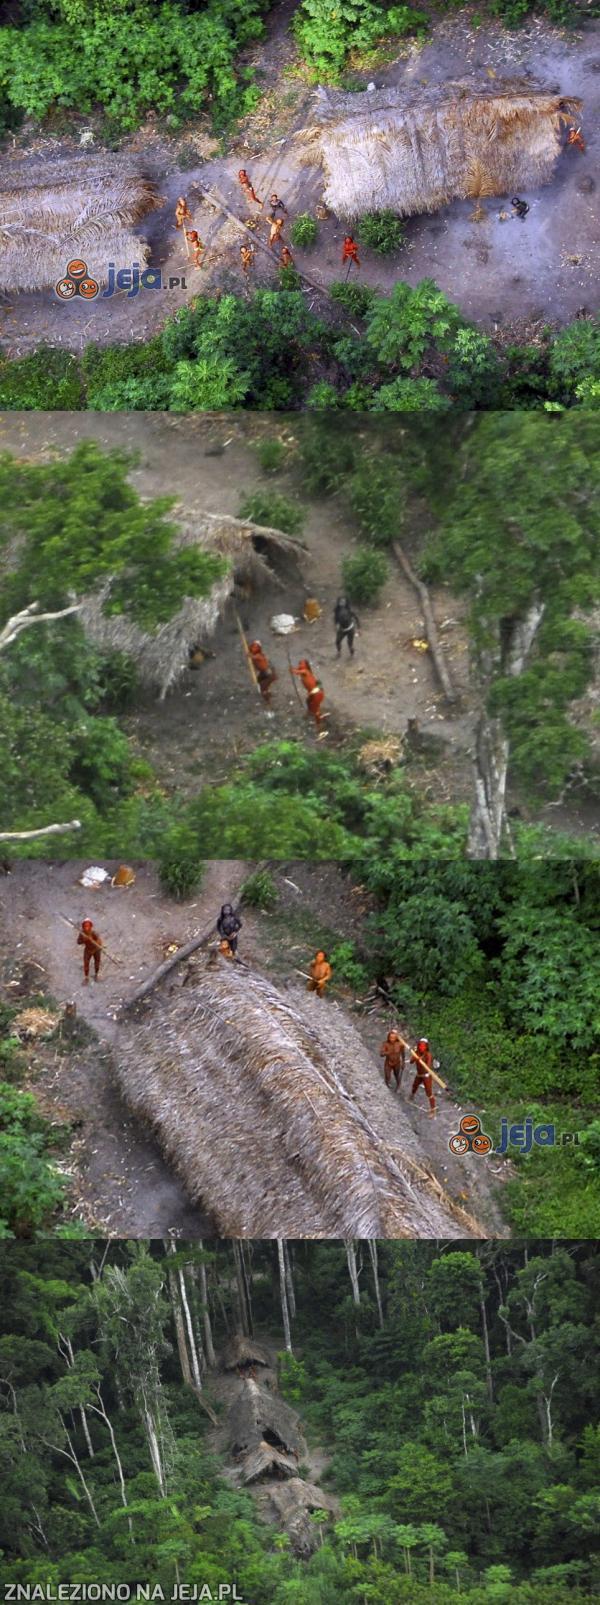 Pierwsza styczność dzikiego plemienia z cywilizacją